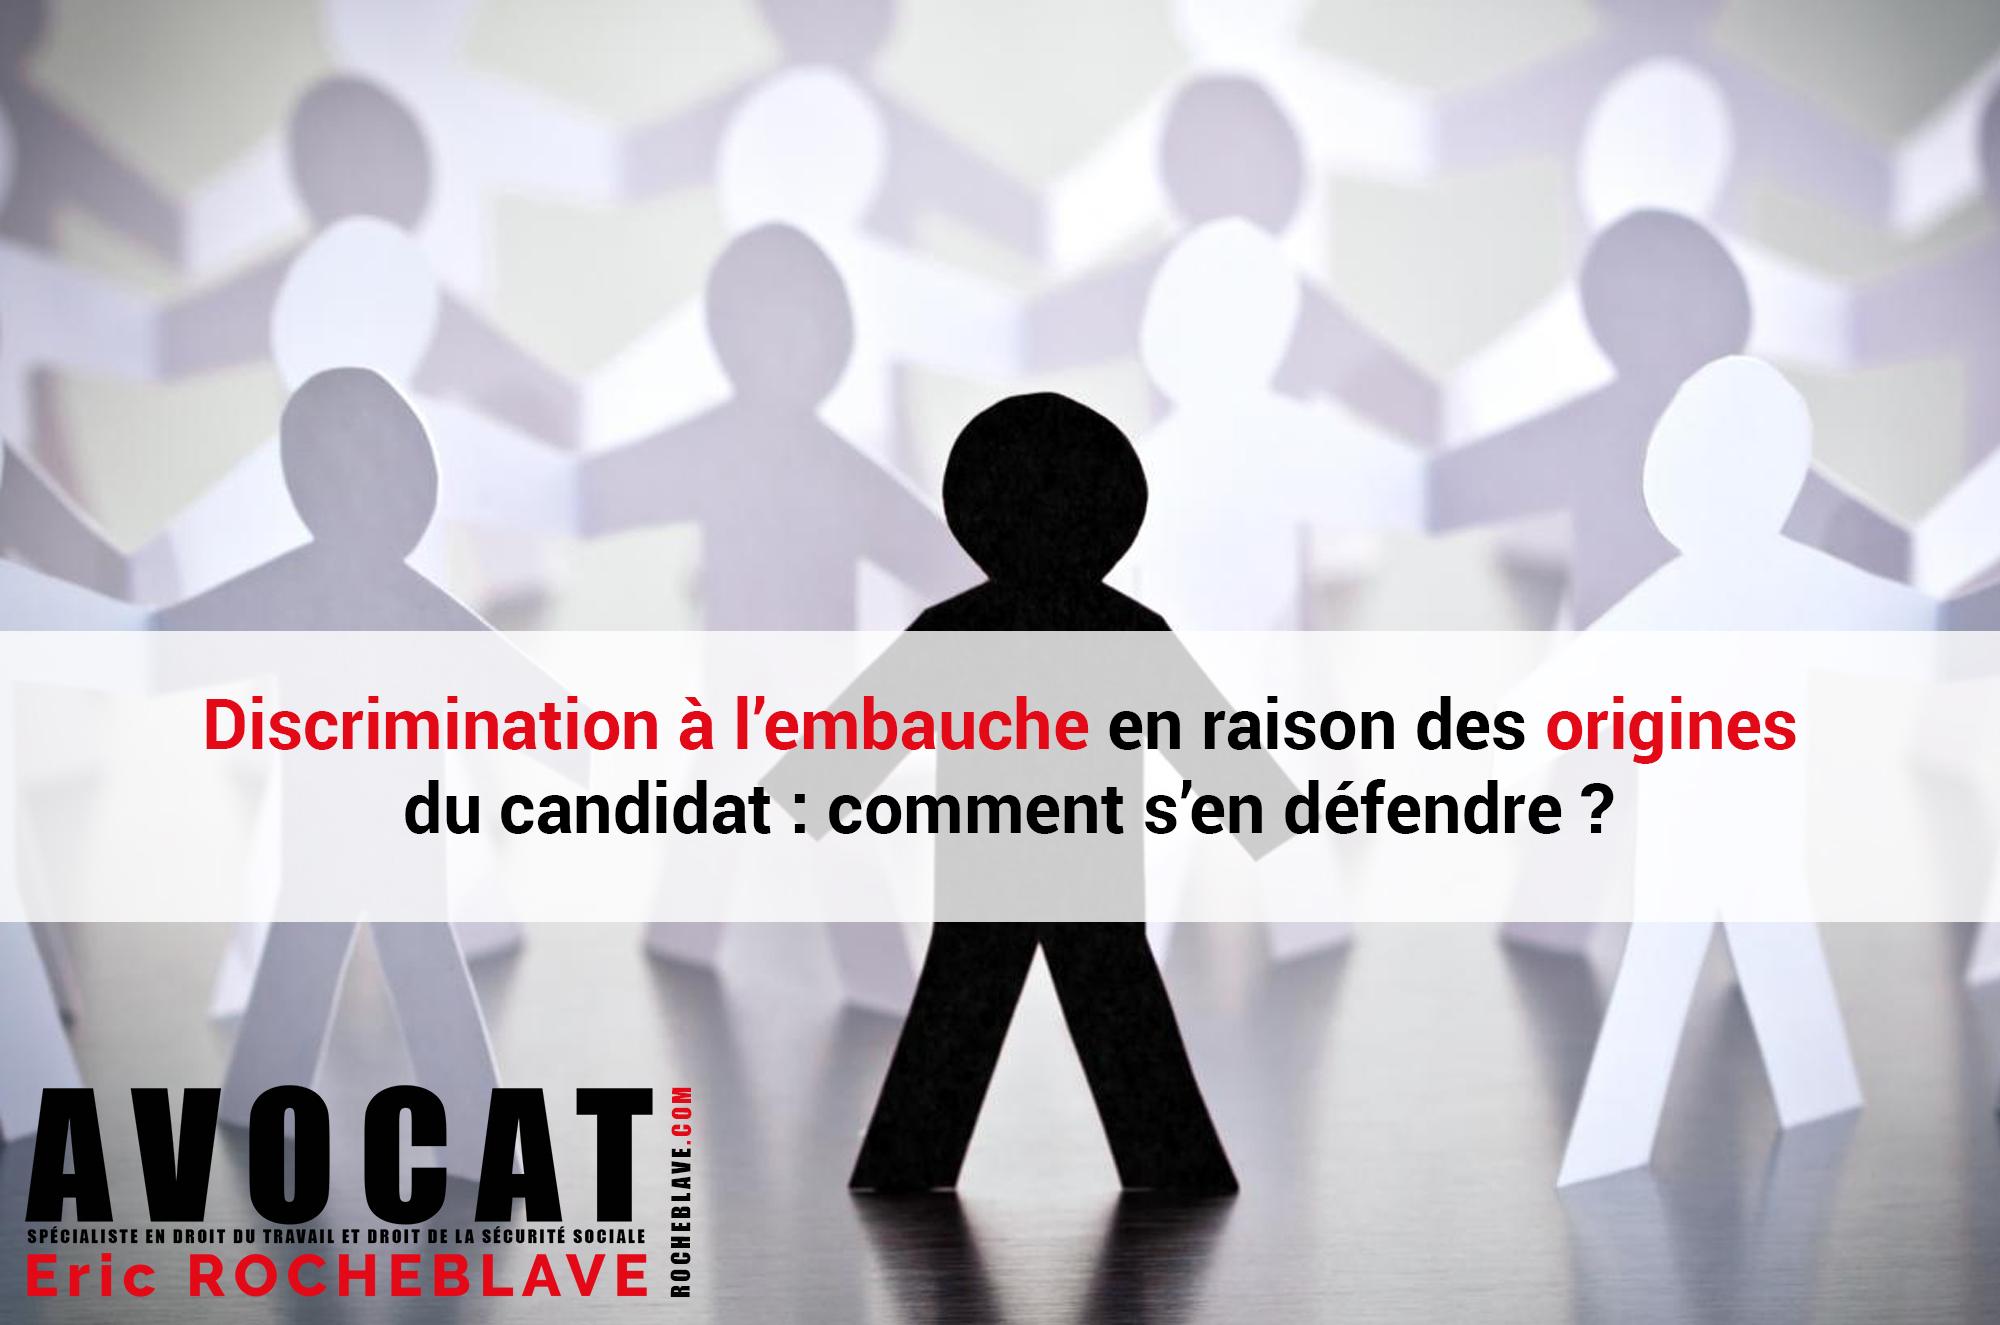 Discrimination à l'embauche en raison des origines du candidat : comment s'en défendre ?